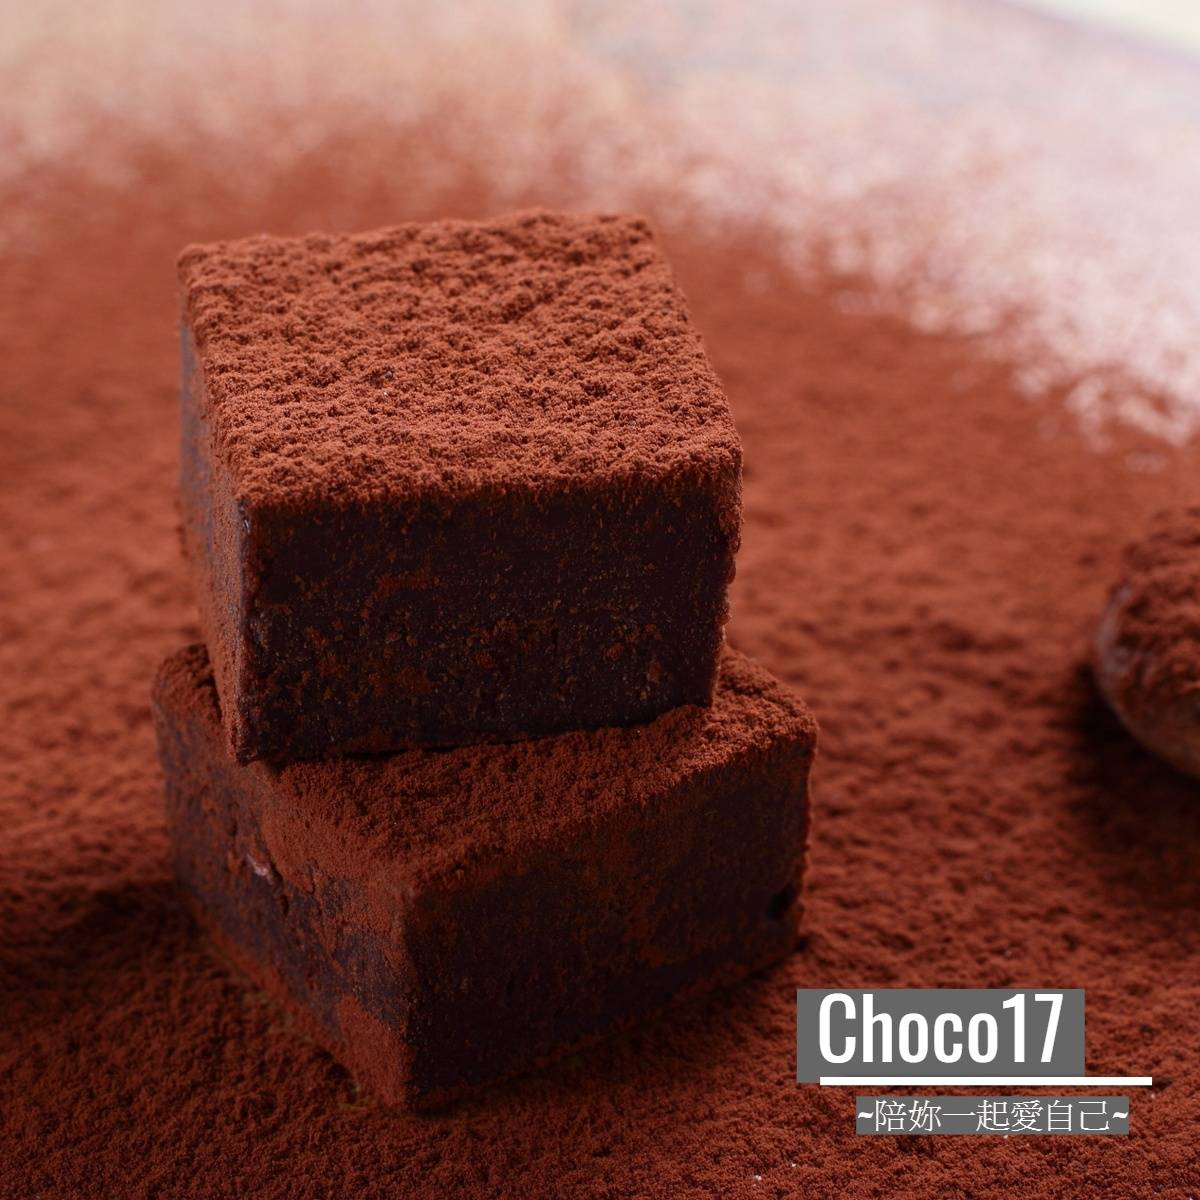 85%皇家經典生巧克力❤1分鐘狂賣4盒❤【Choco17 香謝17巧克力】巧克力專賣  |  APP下單滿$1000現折$100 2